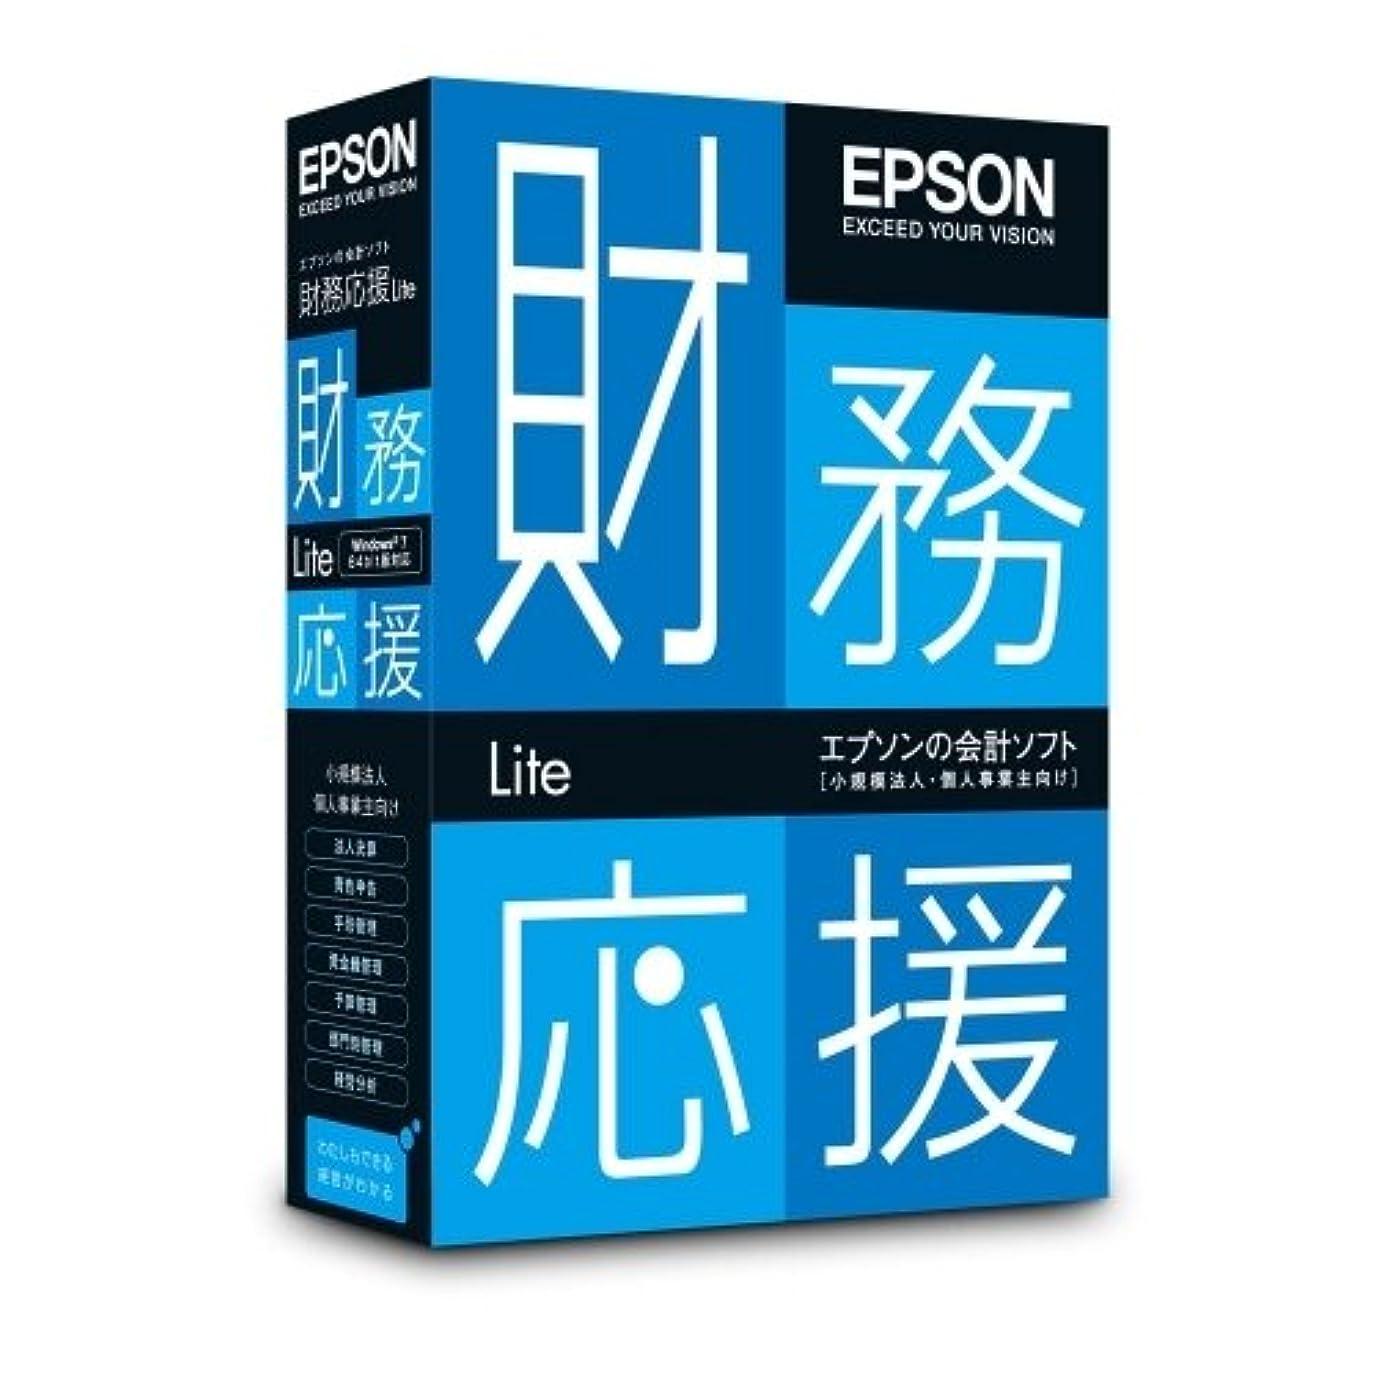 カレンダー支援するテープ【旧商品】エプソン 財務応援 Lite | スタンドアローン版 | Ver.8.6